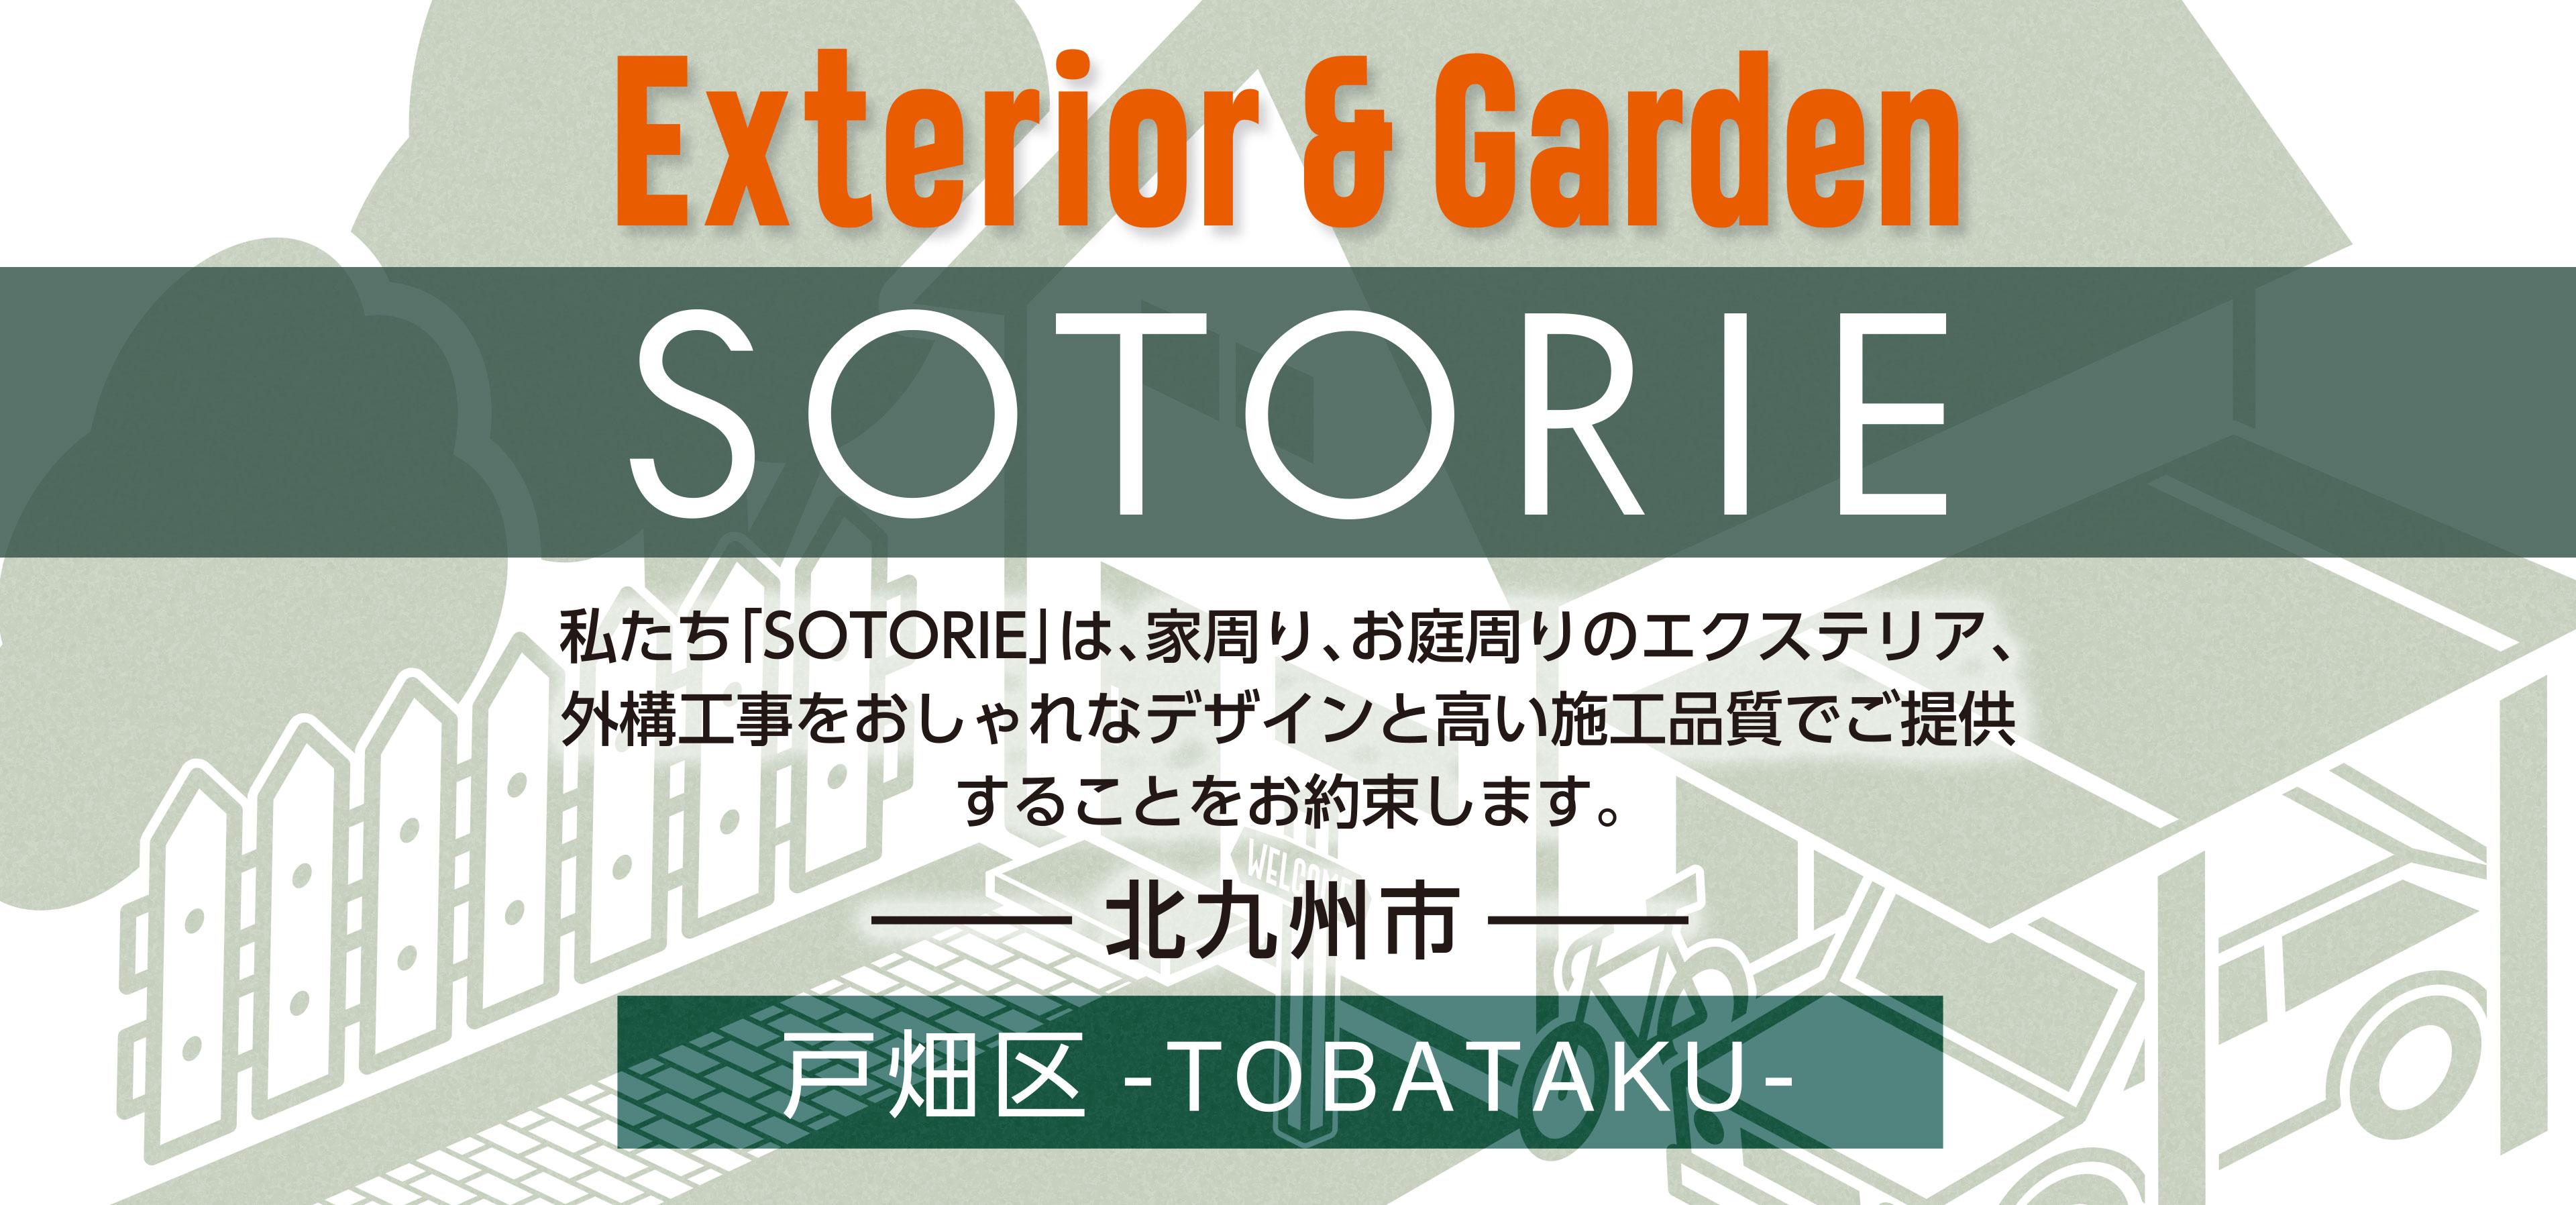 ソトリエ北九州市戸畑区では、家周りと庭周りの外構、エクステリア工事をおしゃれなデザインと高い施工品質でご提供することをお約束します。